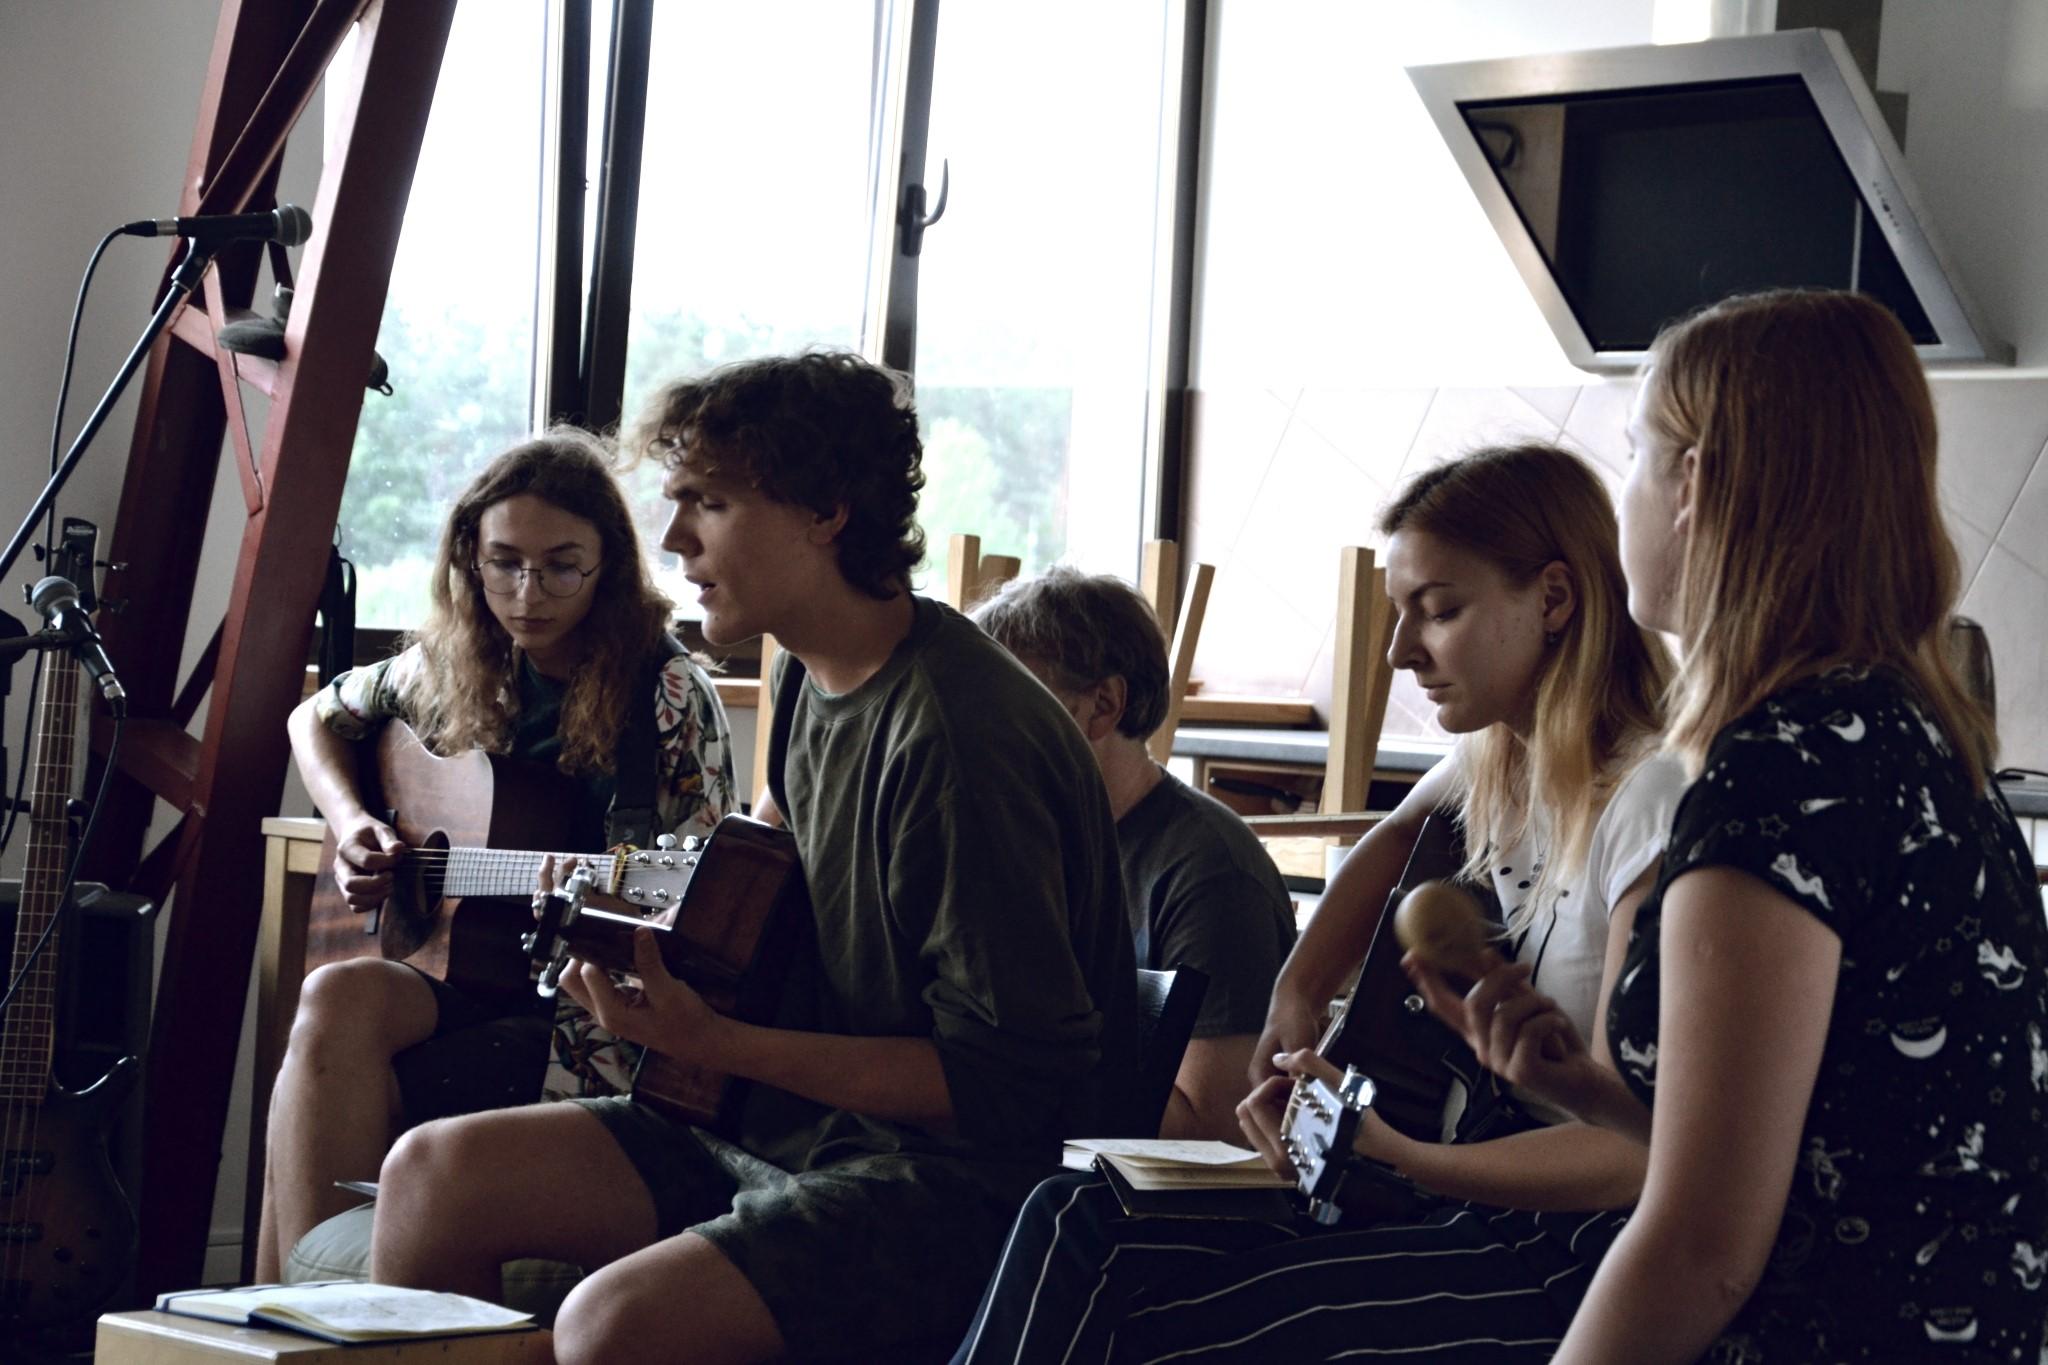 """Jaunųjų dainų autorių stovykla – erdvė kuriančiam jaunimui   """"Bardai LT"""" nuotr."""